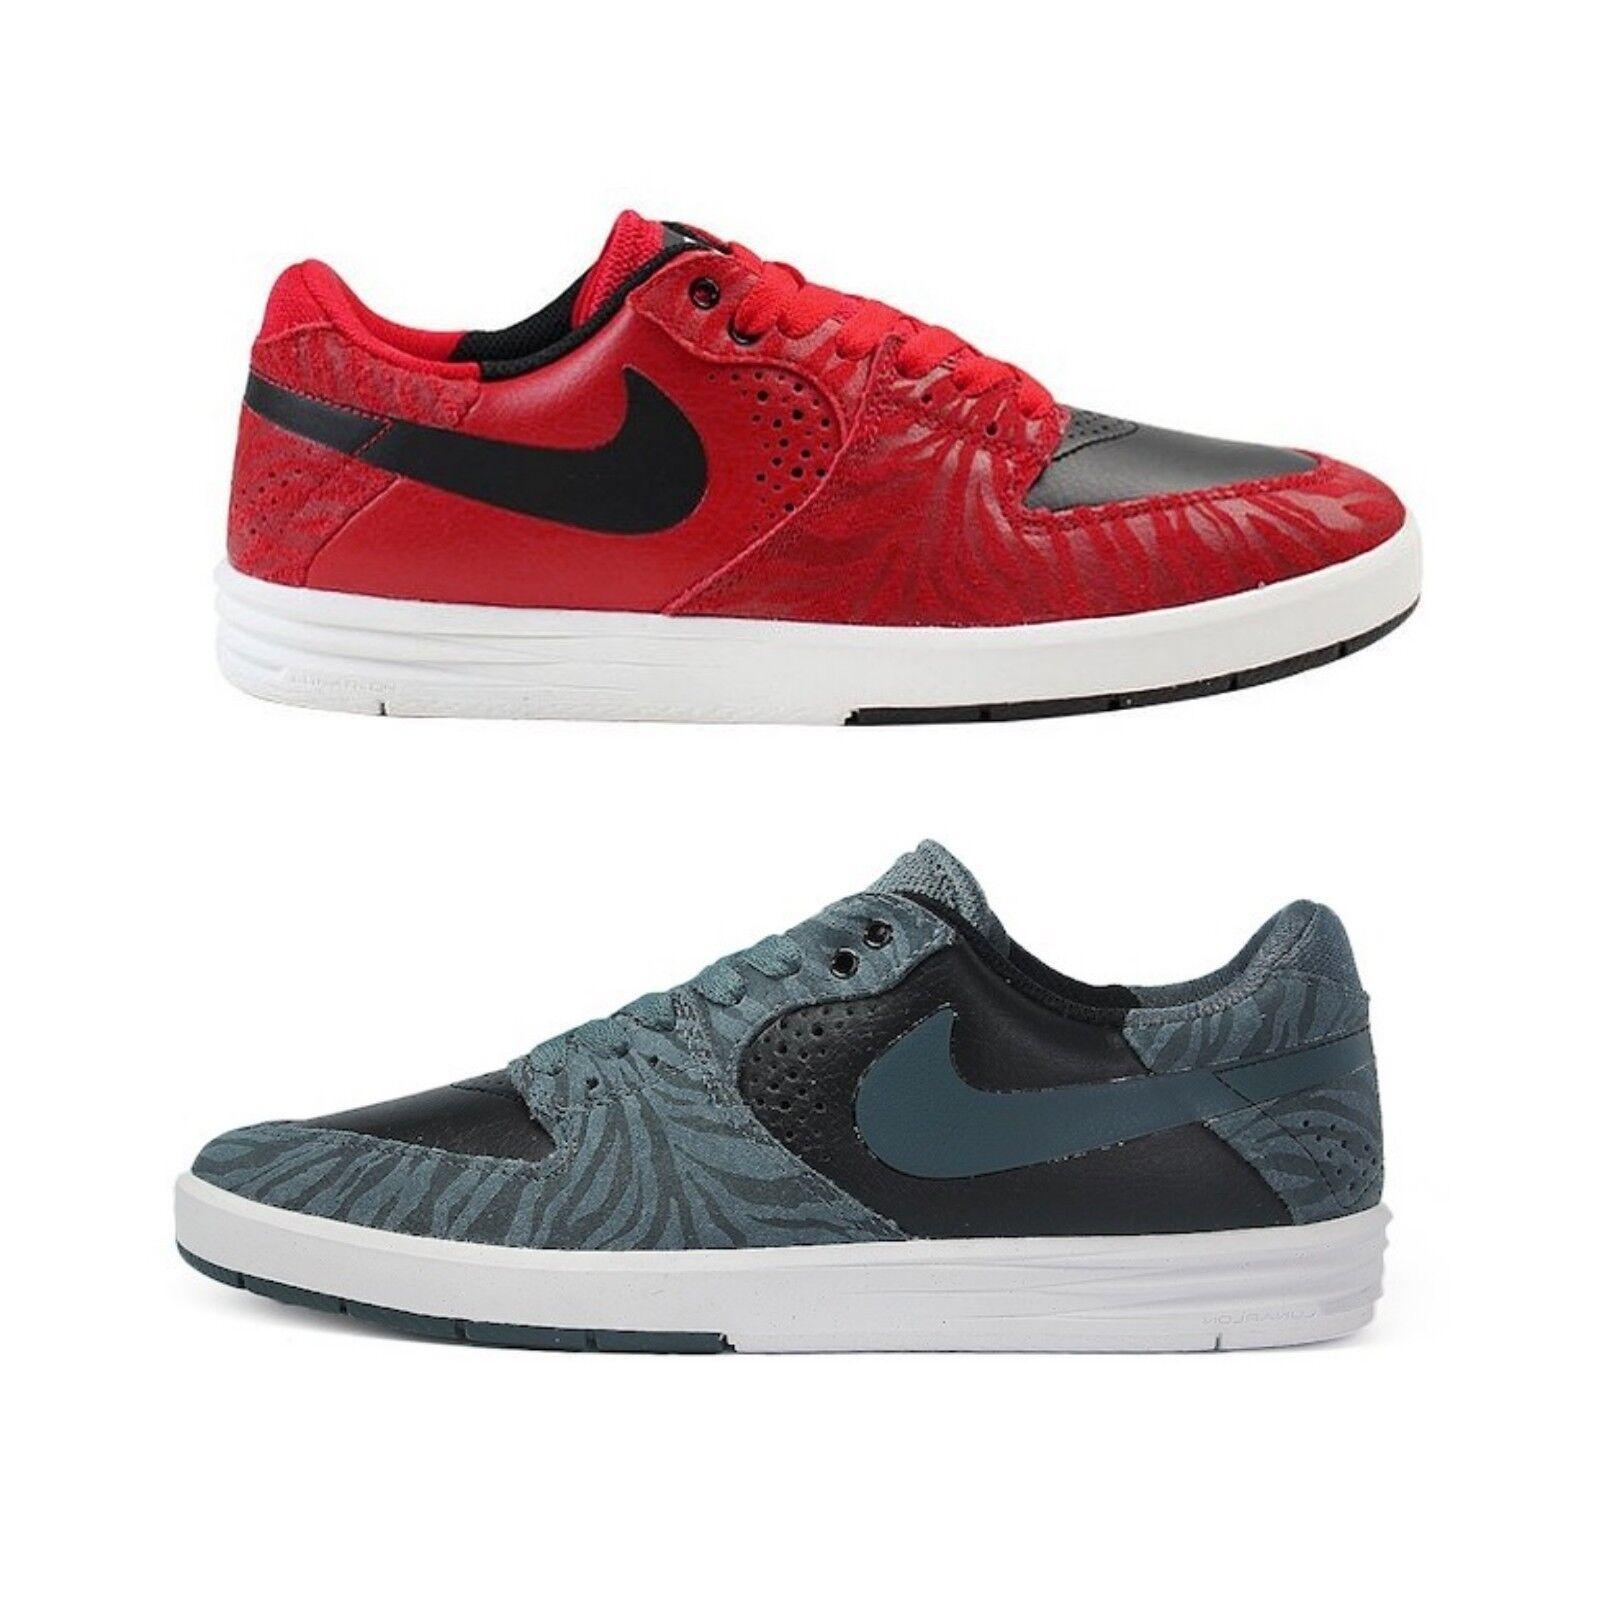 NIKE SB PAUL RODRIGUEZ 7 PREM LUNAR 45-46 NEW  skater sneaker janoski koston